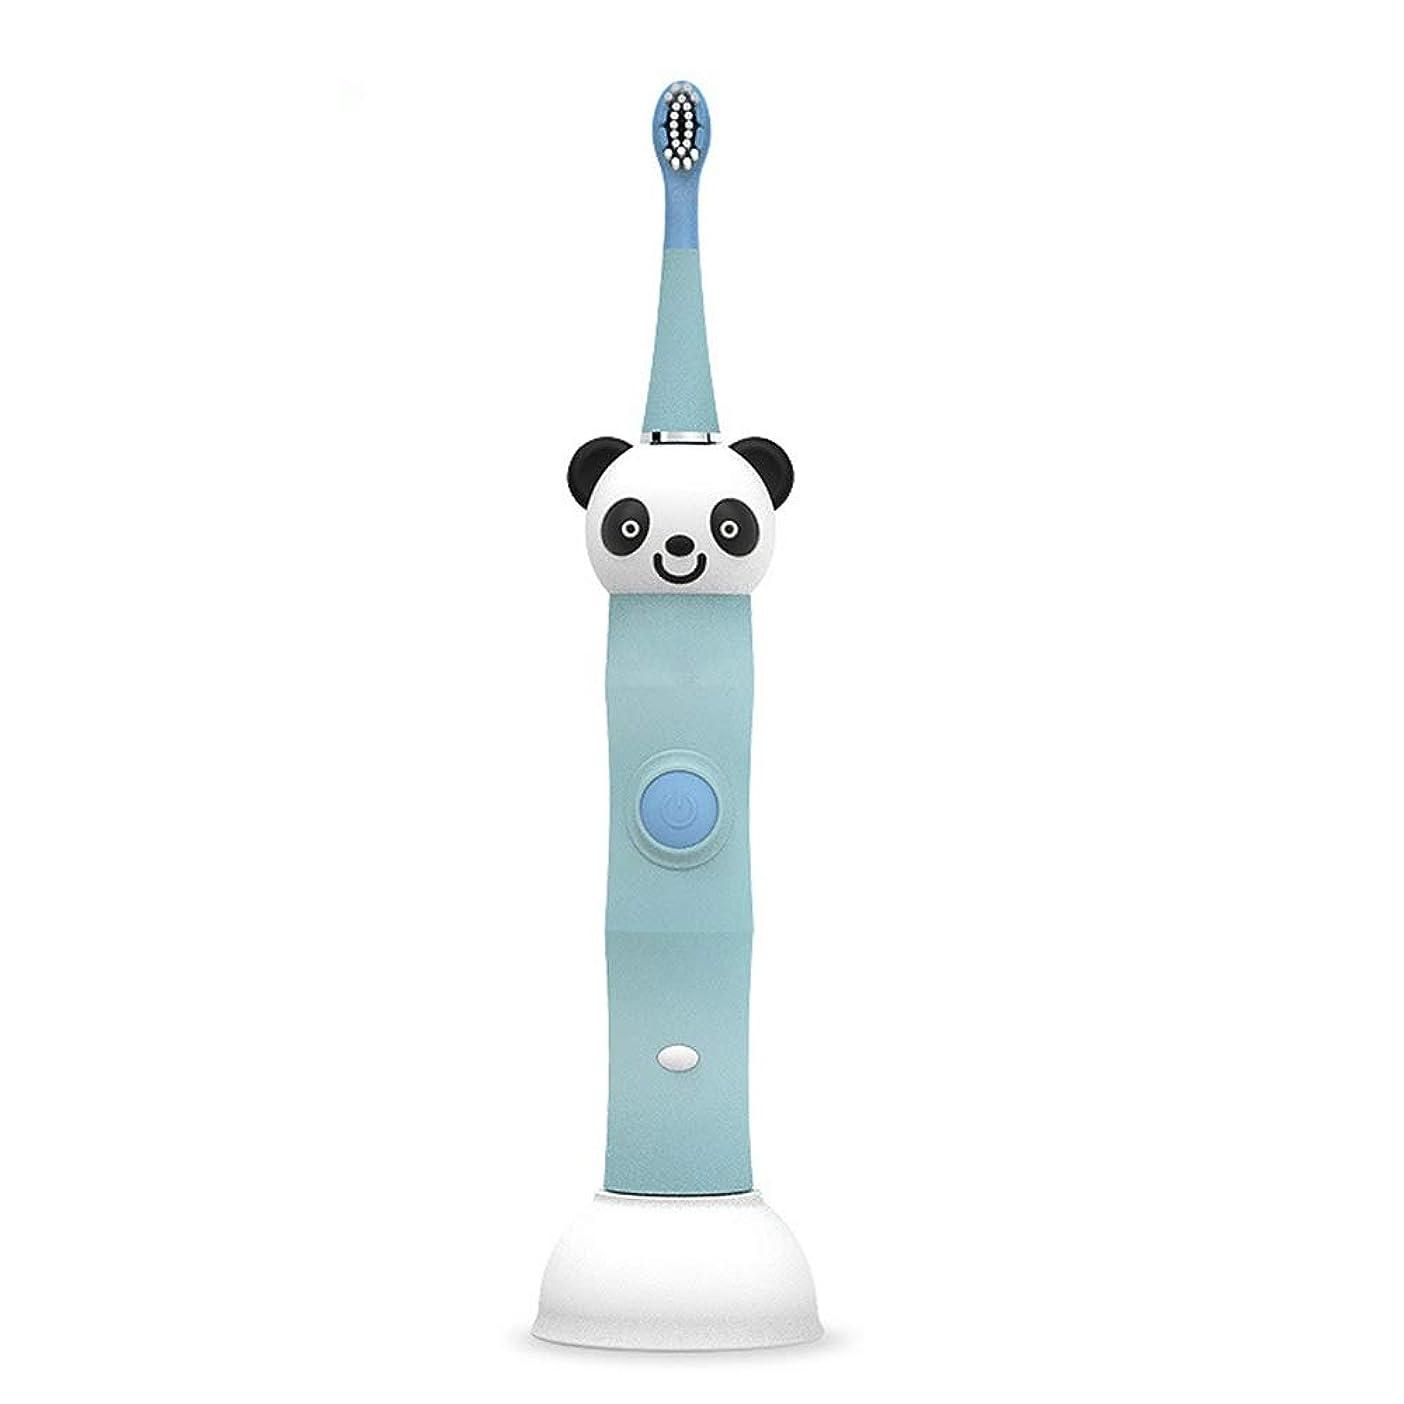 自動歯ブラシ USBの充満基盤の柔らかい毛のきれいな電動歯ブラシとの子供の防水 (色 : 青, サイズ : Free size)